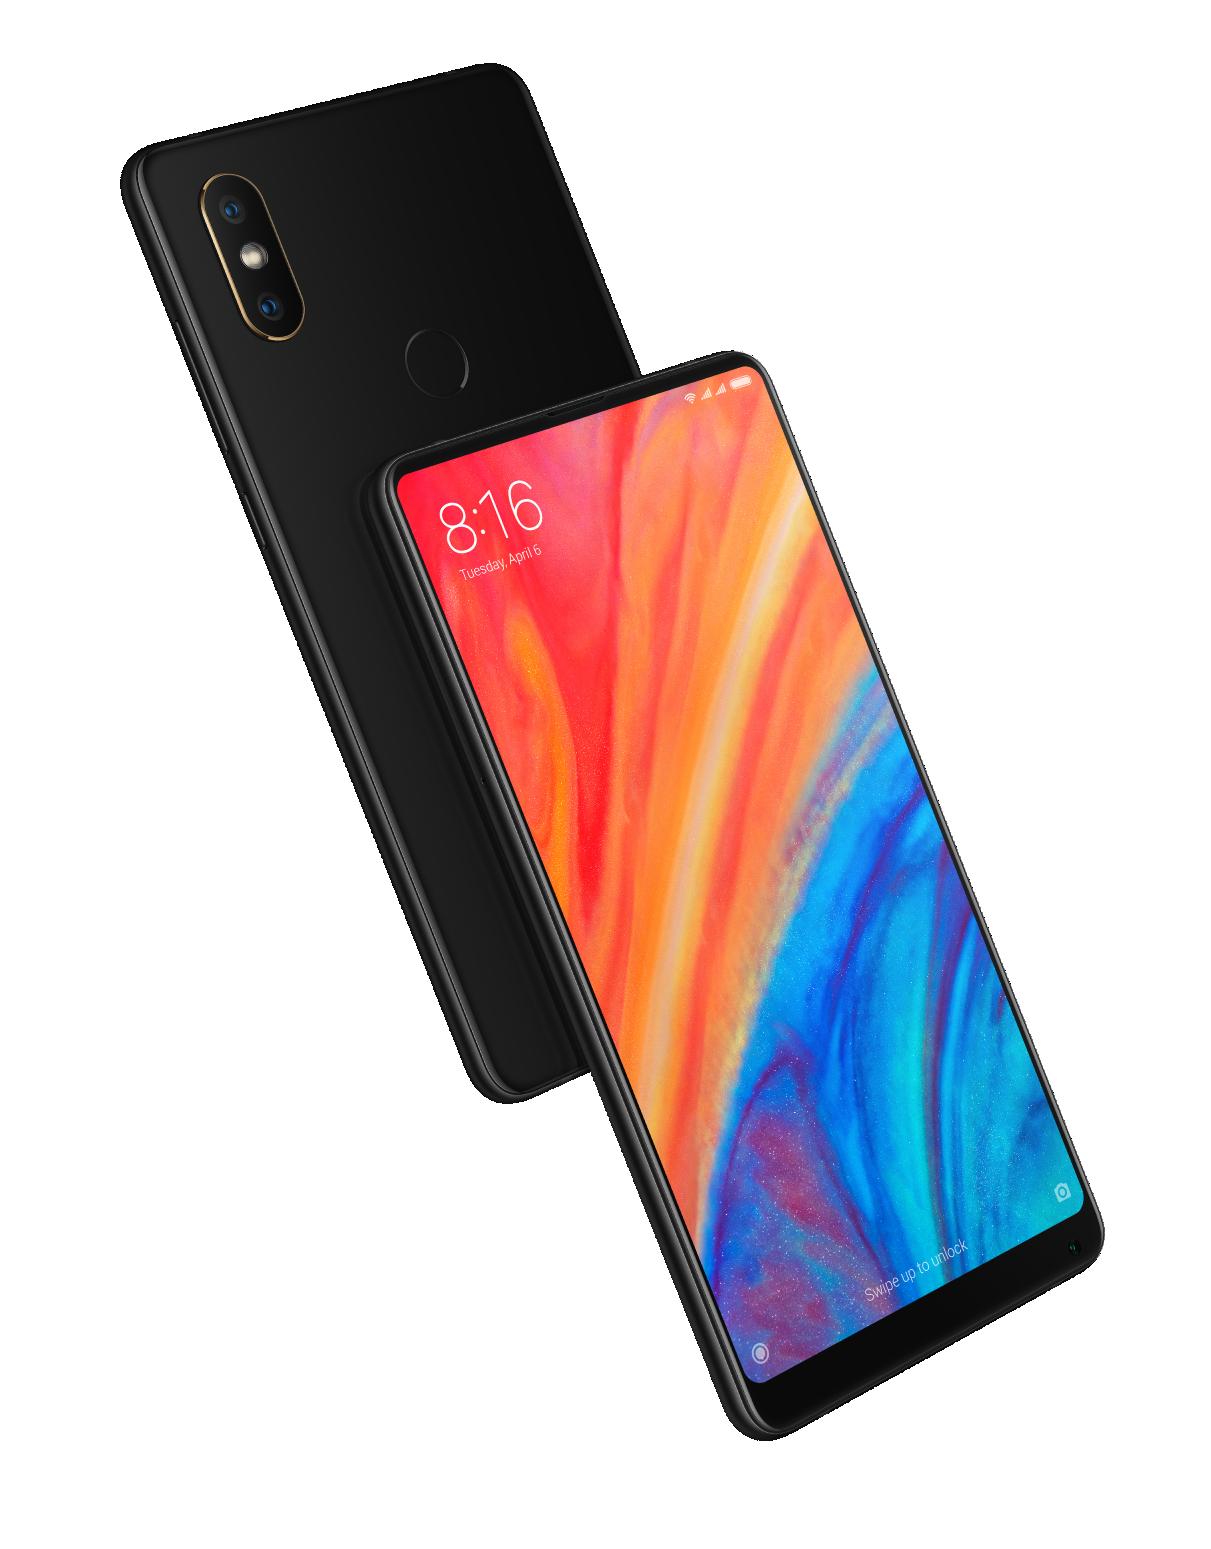 Νέο Xiaomi Mi MIX 2S από την Info Quest Technologies: Όταν η Τέχνη συναντά την Τεχνολογία 1